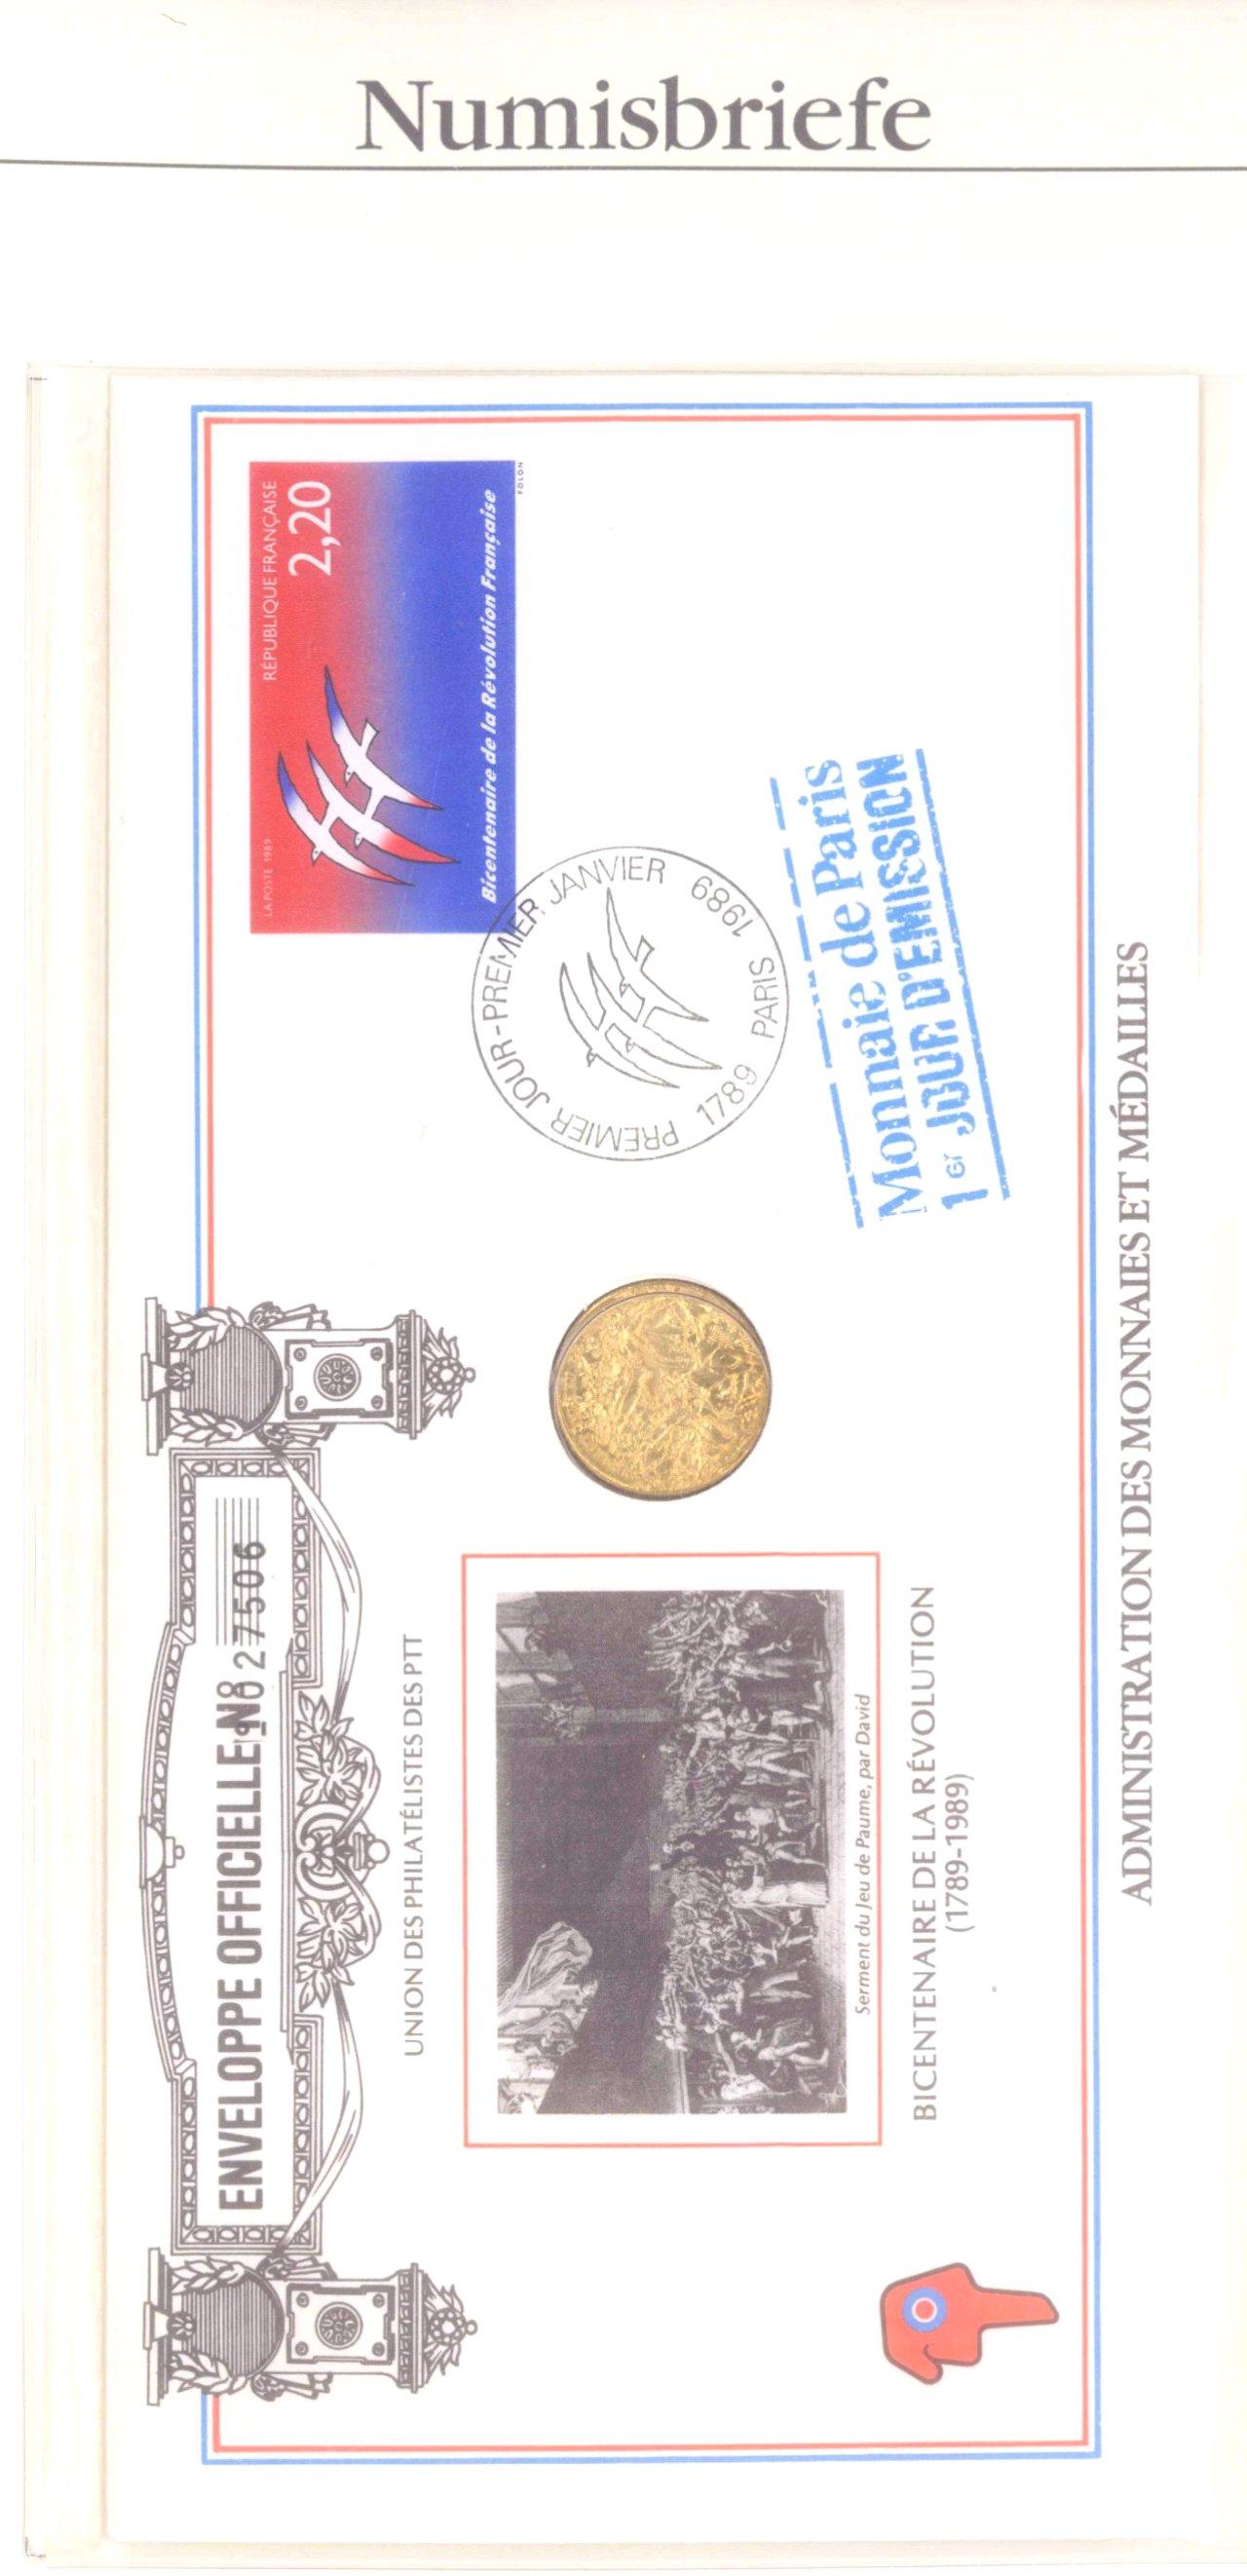 Sammlung Numisbriefe-10